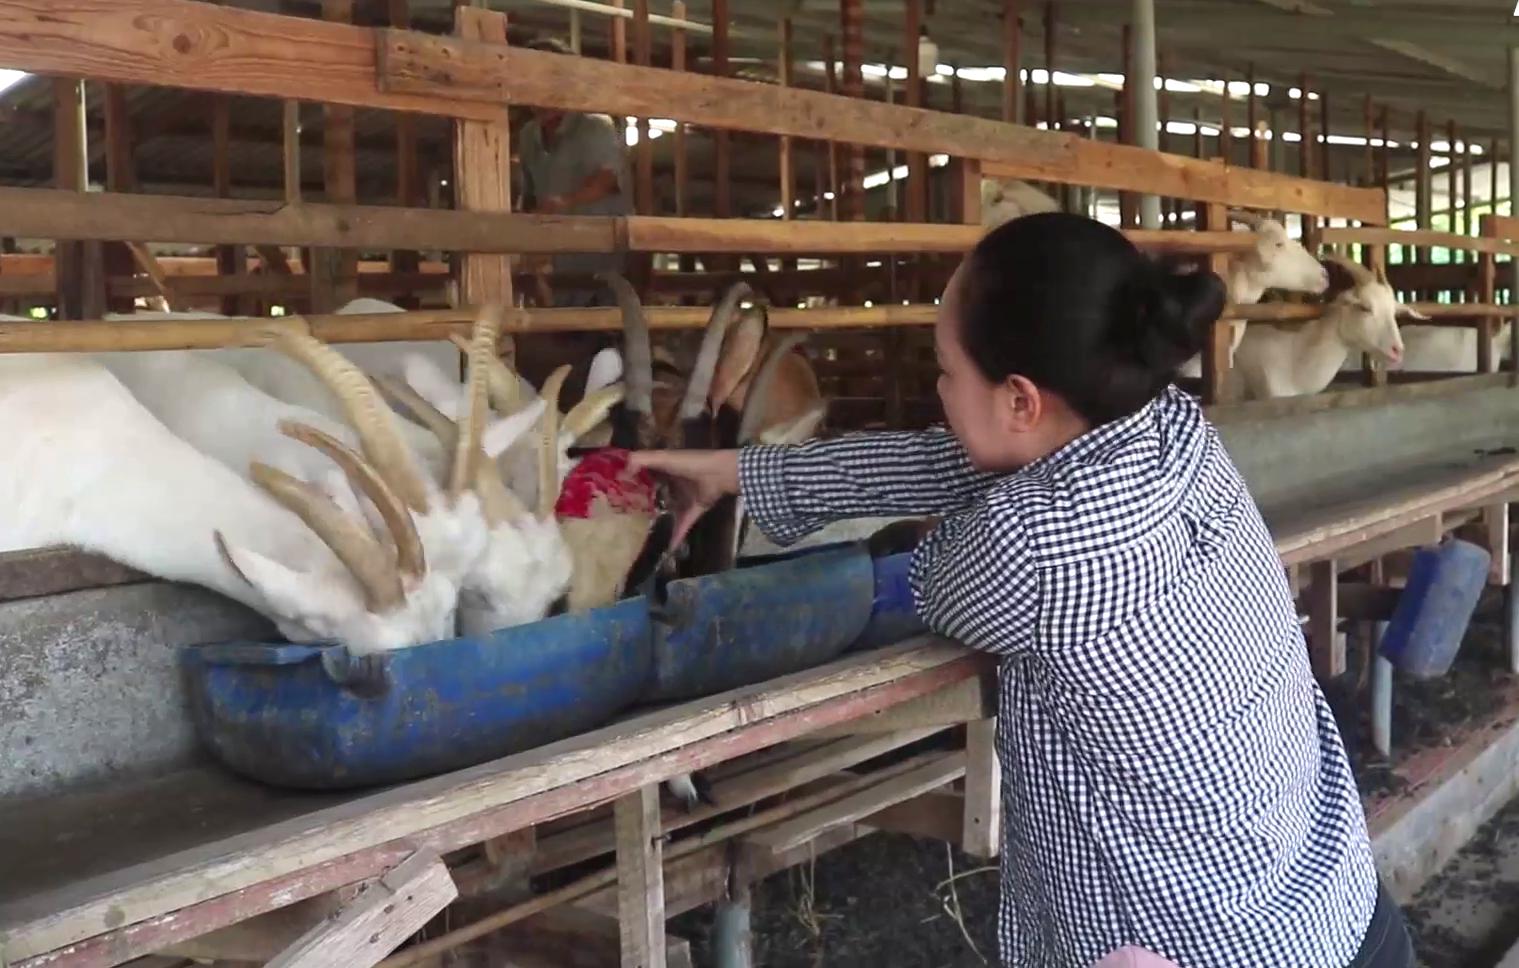 Tiền Giang: Miệt Gò đổ xô nuôi con này thoát nghèo, ai ngờ nhiều nông dân trở nên giàu có - Ảnh 4.